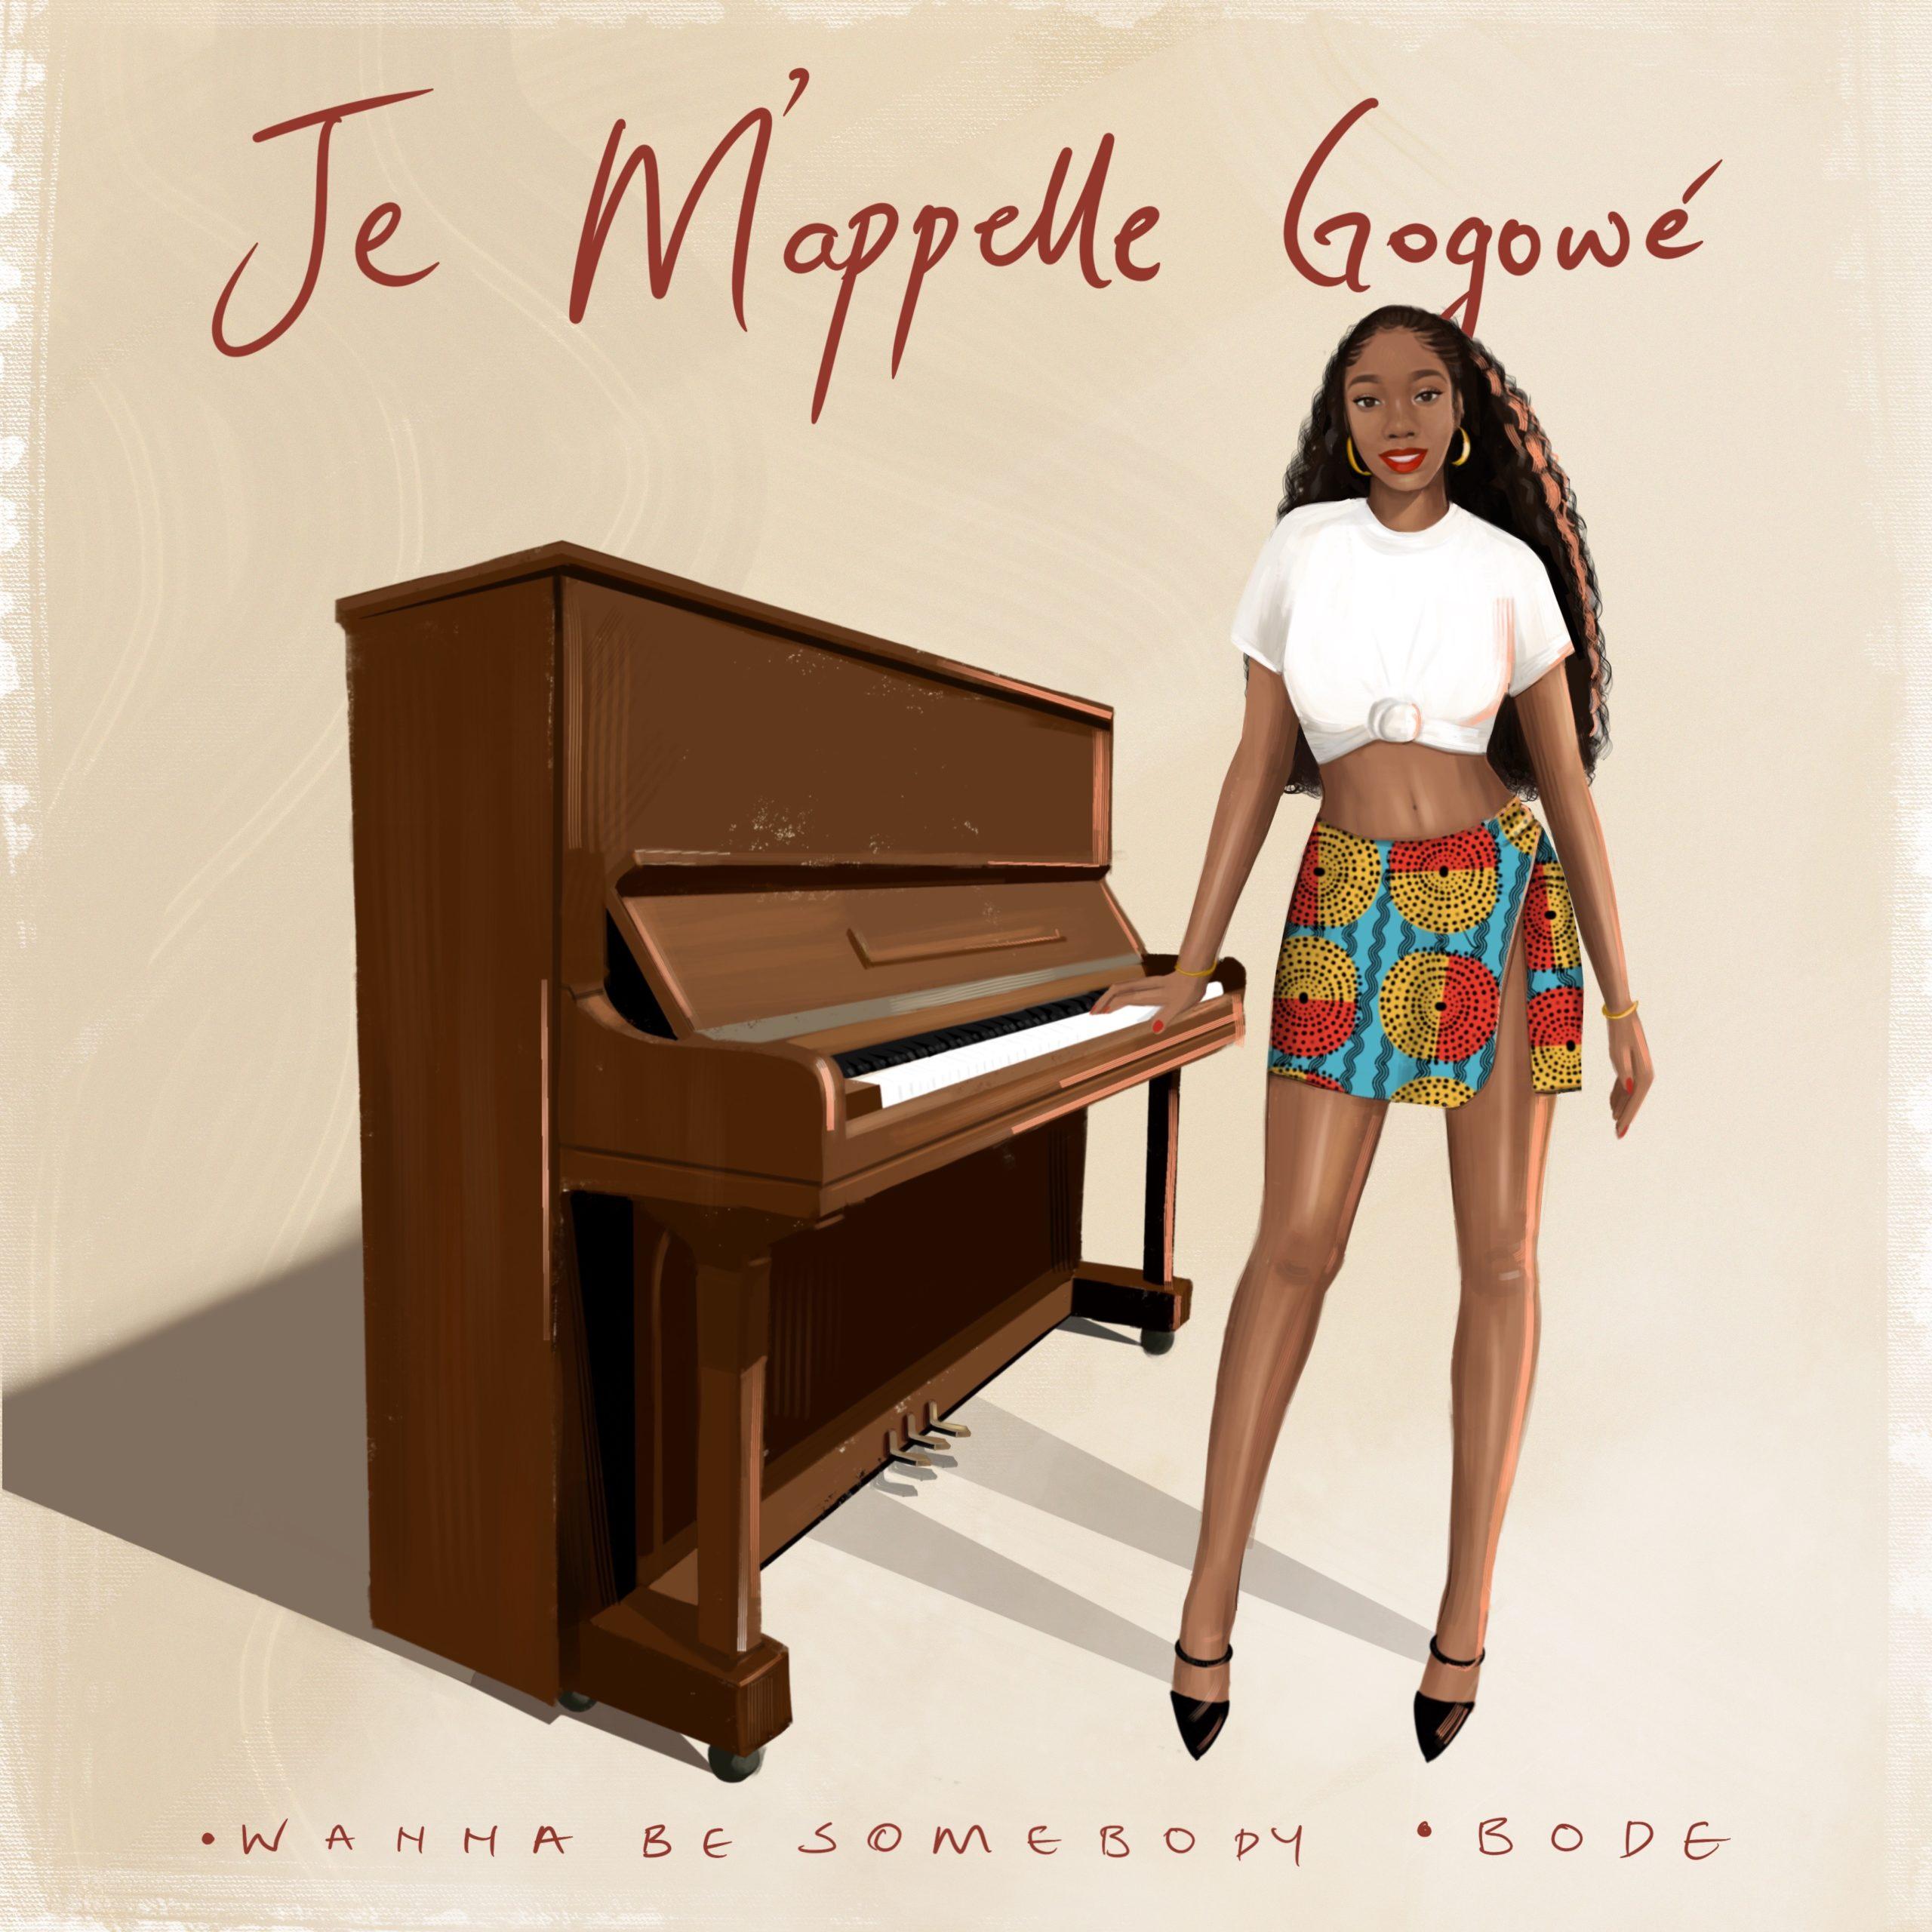 Gogowé – Je M'appelle Gogowé